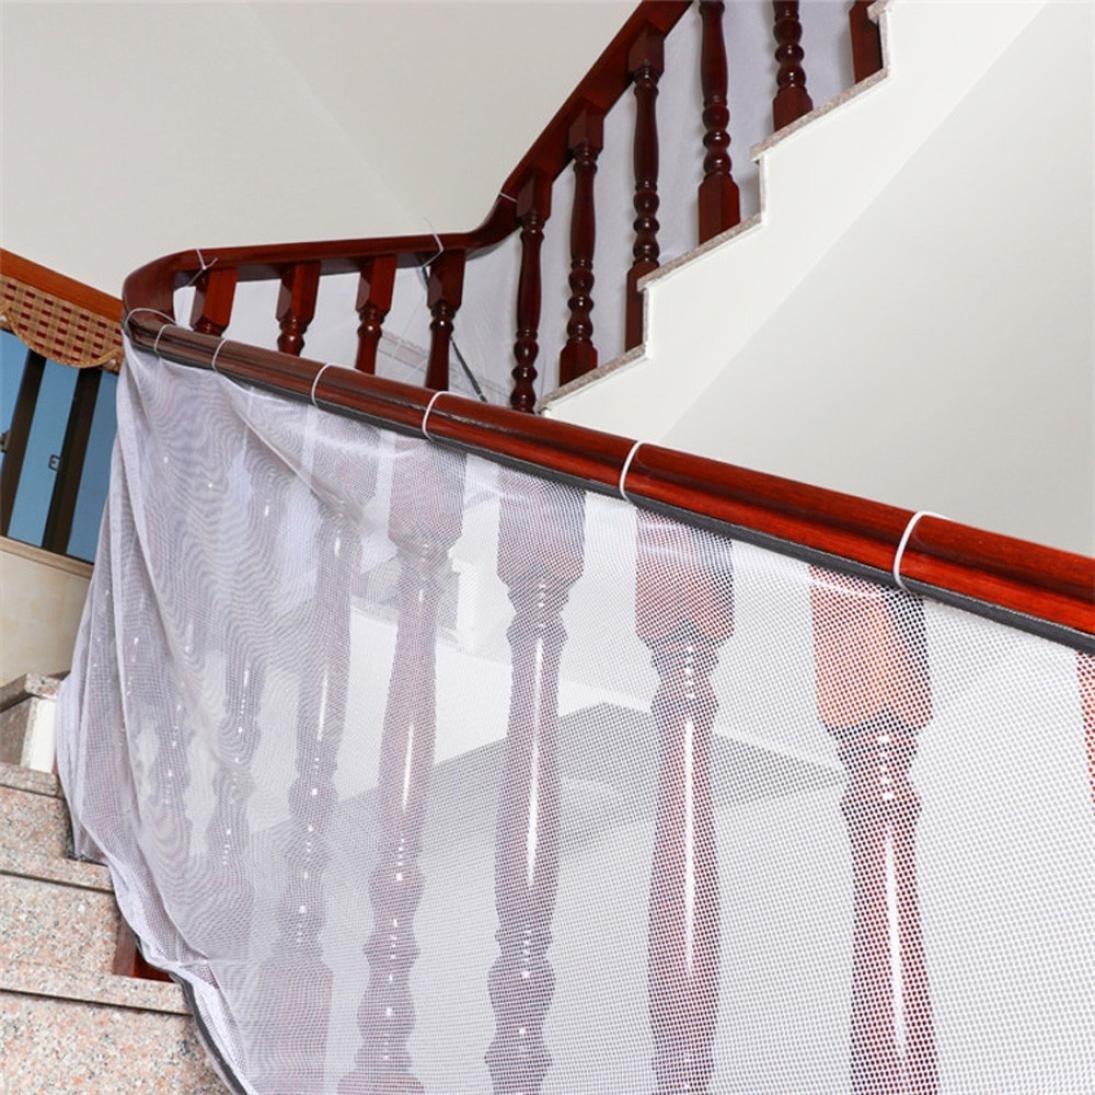 STRIR Niños engrosamiento de seguridad valla protección red de seguridad red valla de balcón Kids seguridad escaleras Protector niño bebé Talla - 200 * 77cm STRIR-Casa